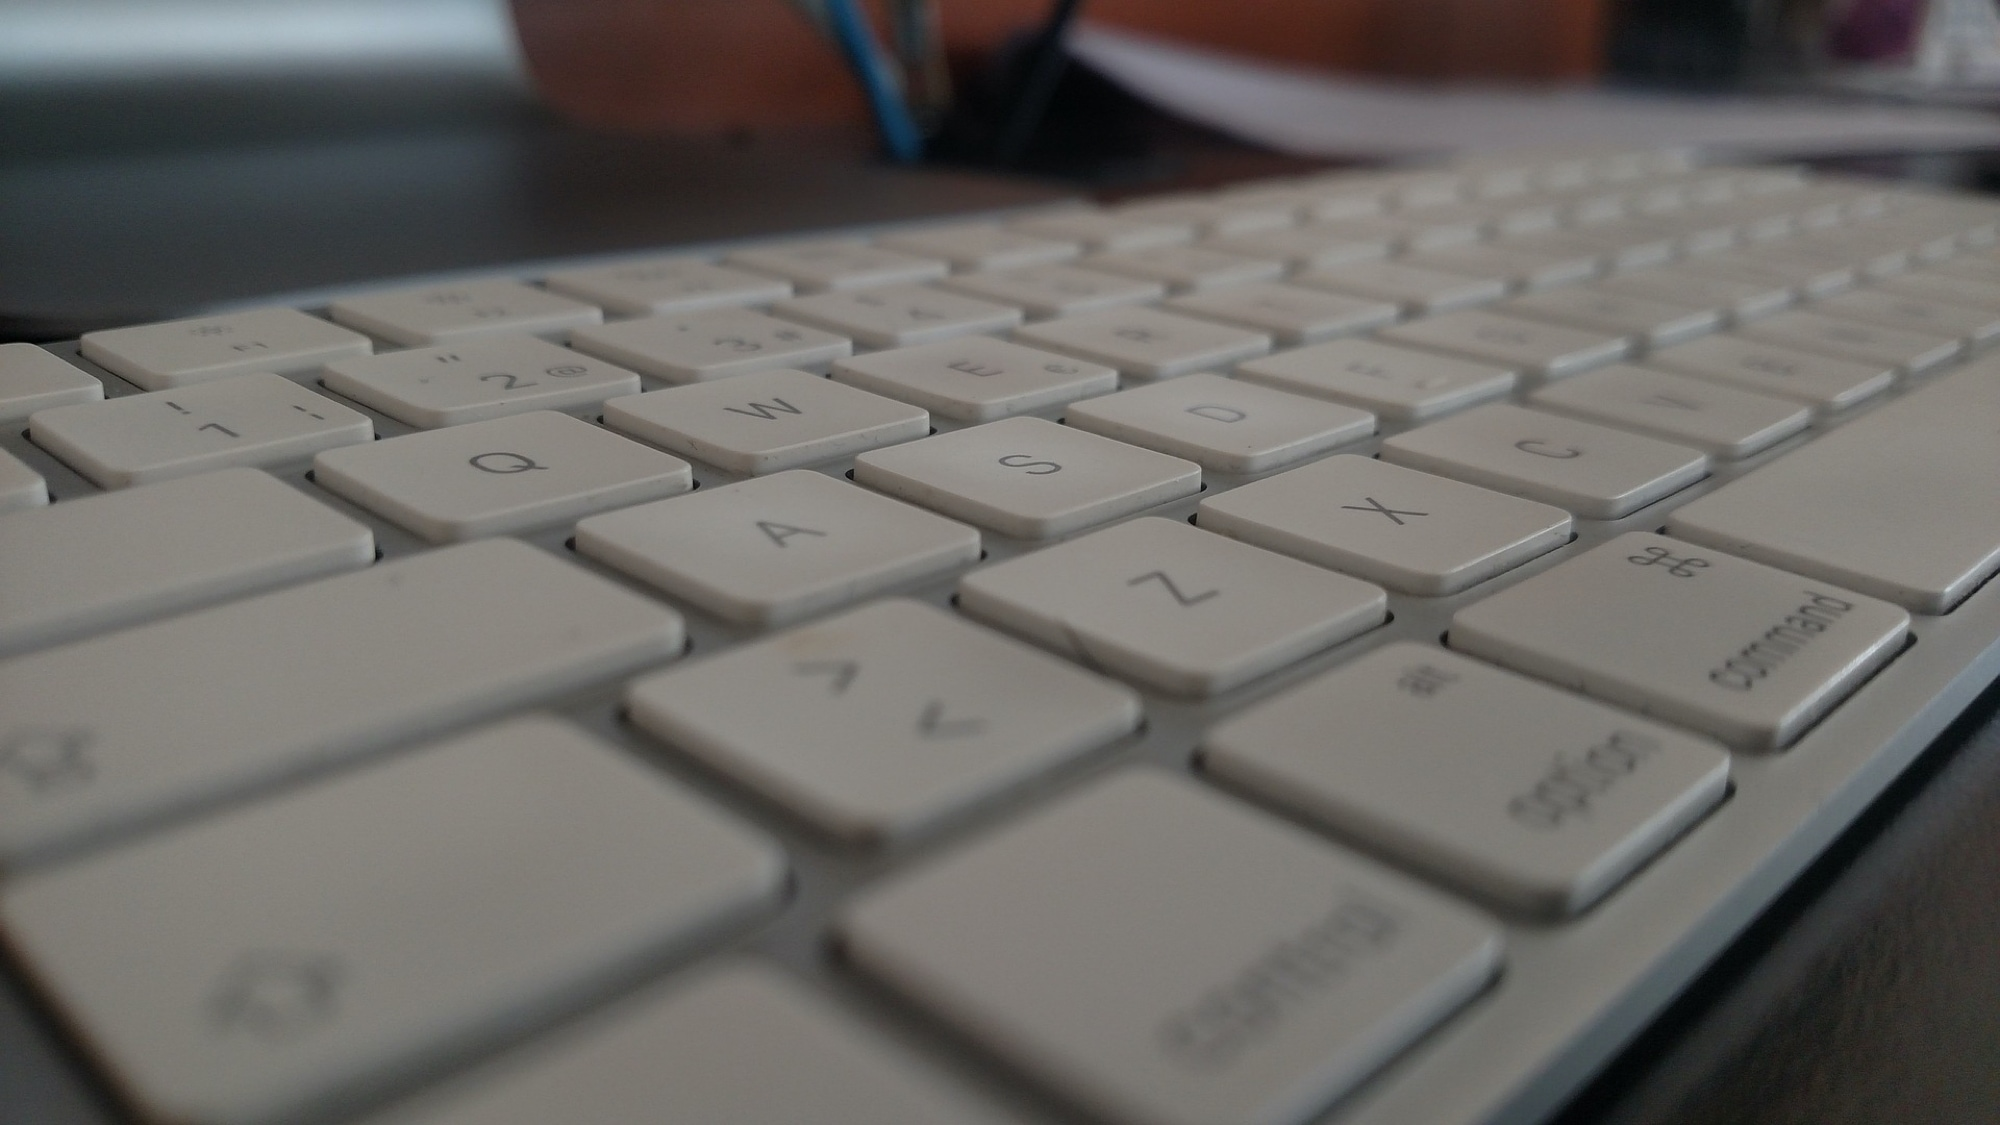 Mac wireless keyboard - Keynote keyboard shortcuts